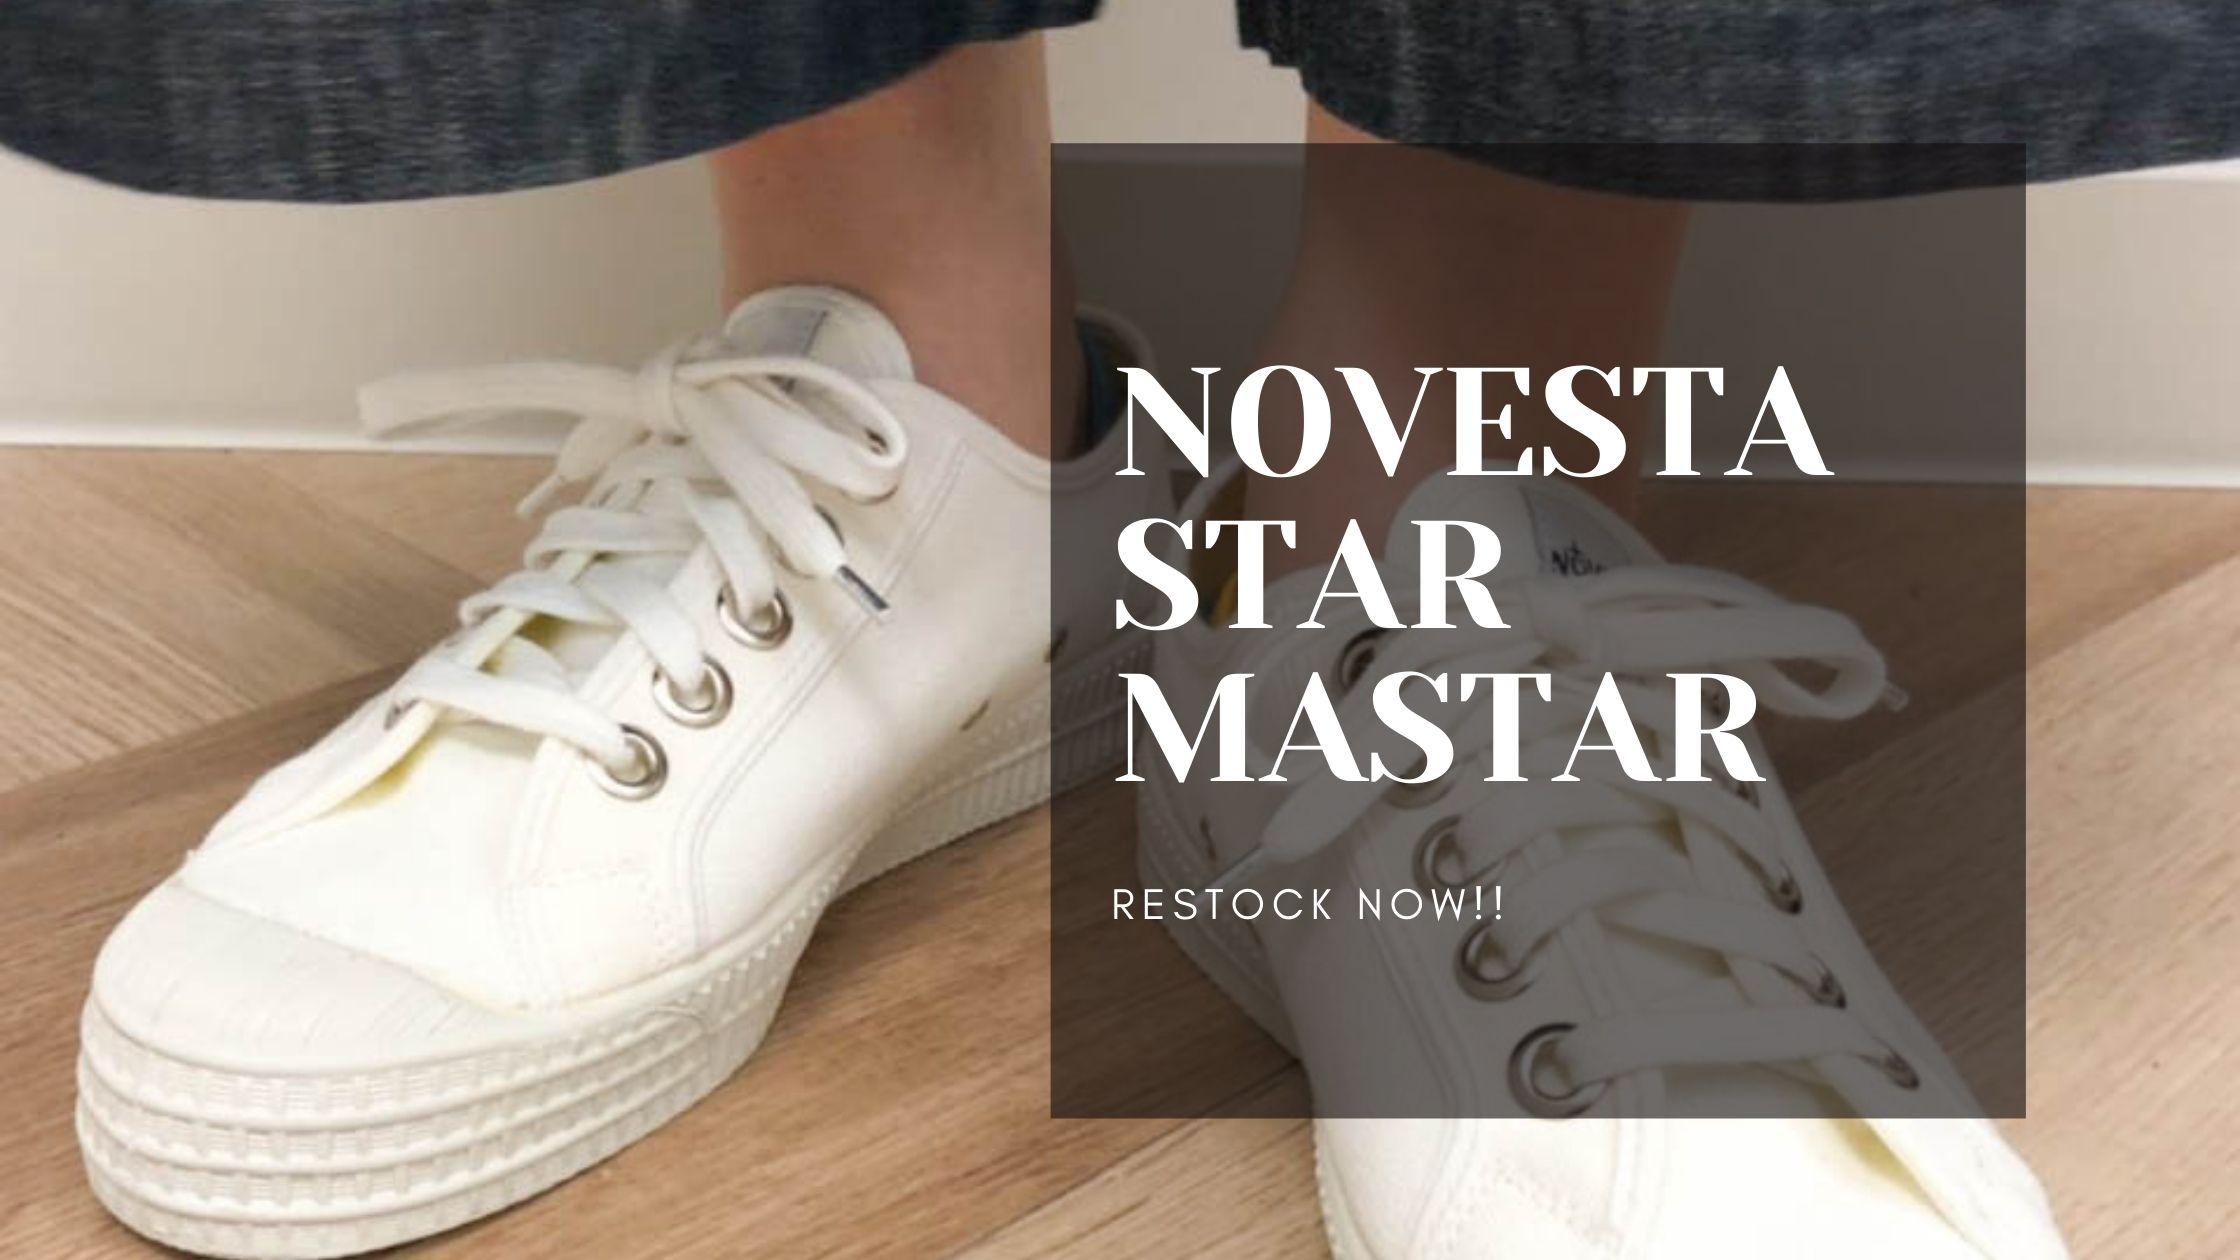 【再入荷】NOVESTA -STARMASTARのご紹介